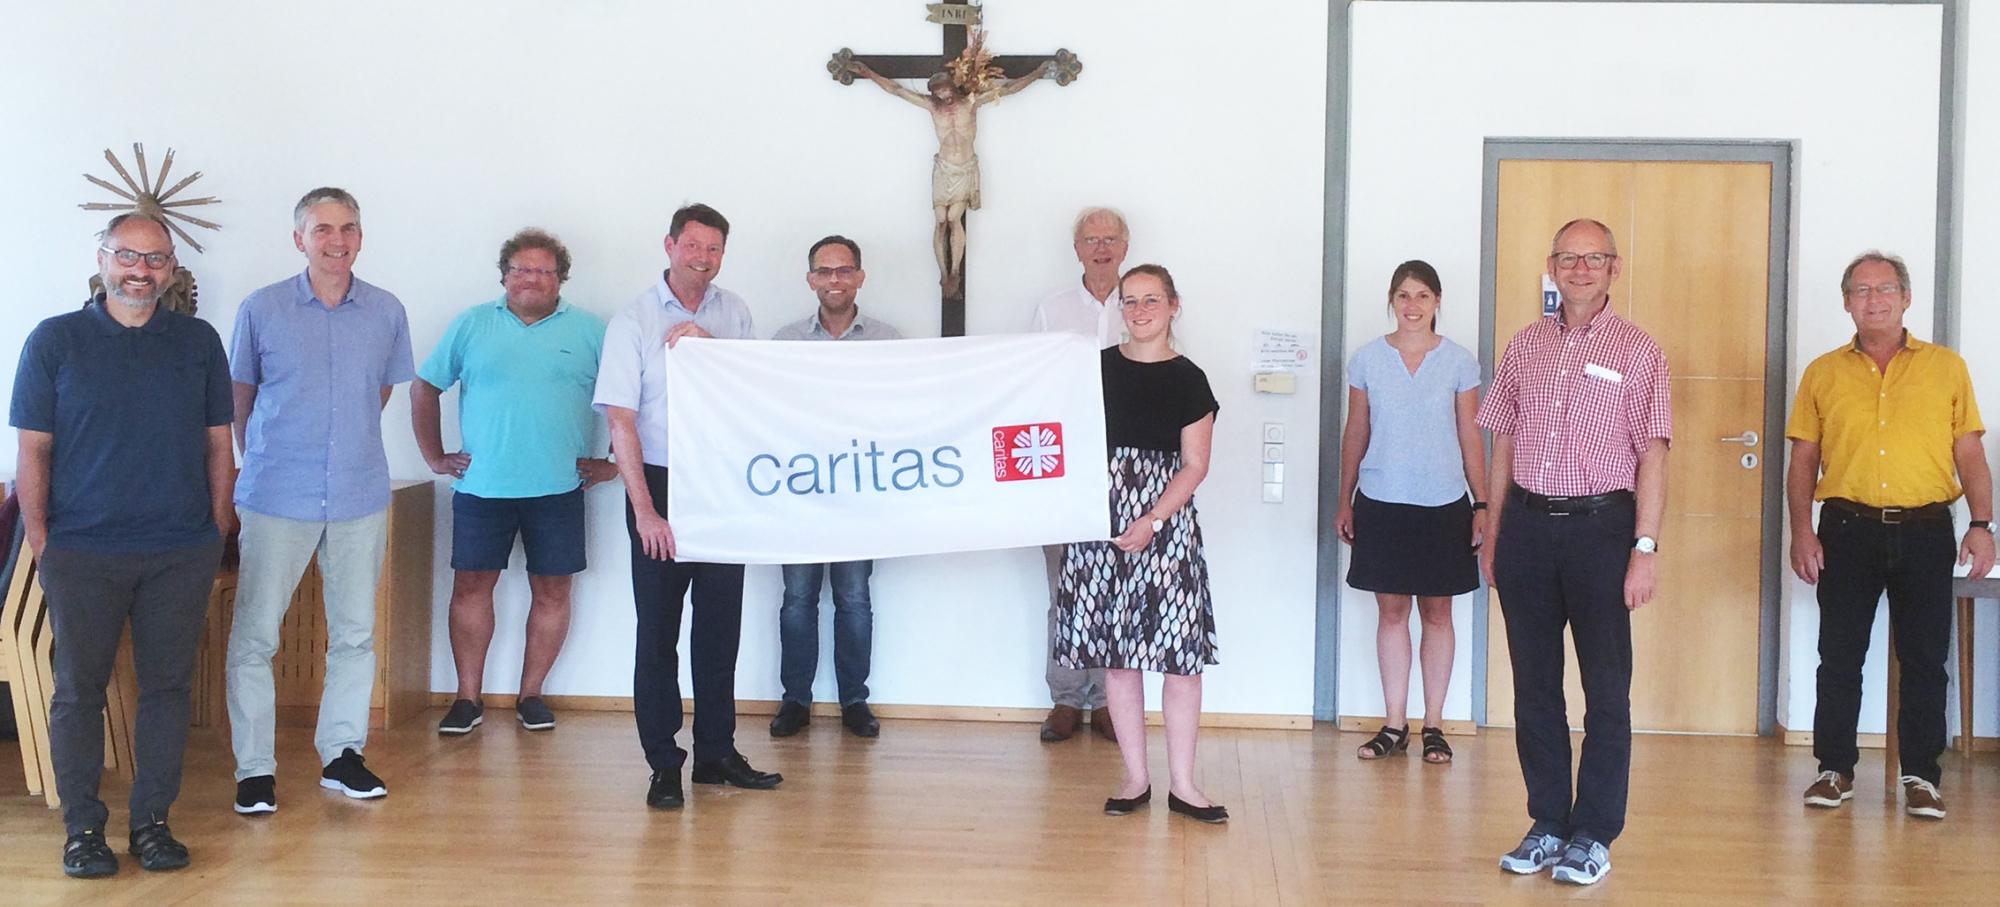 S12 Caritas PB